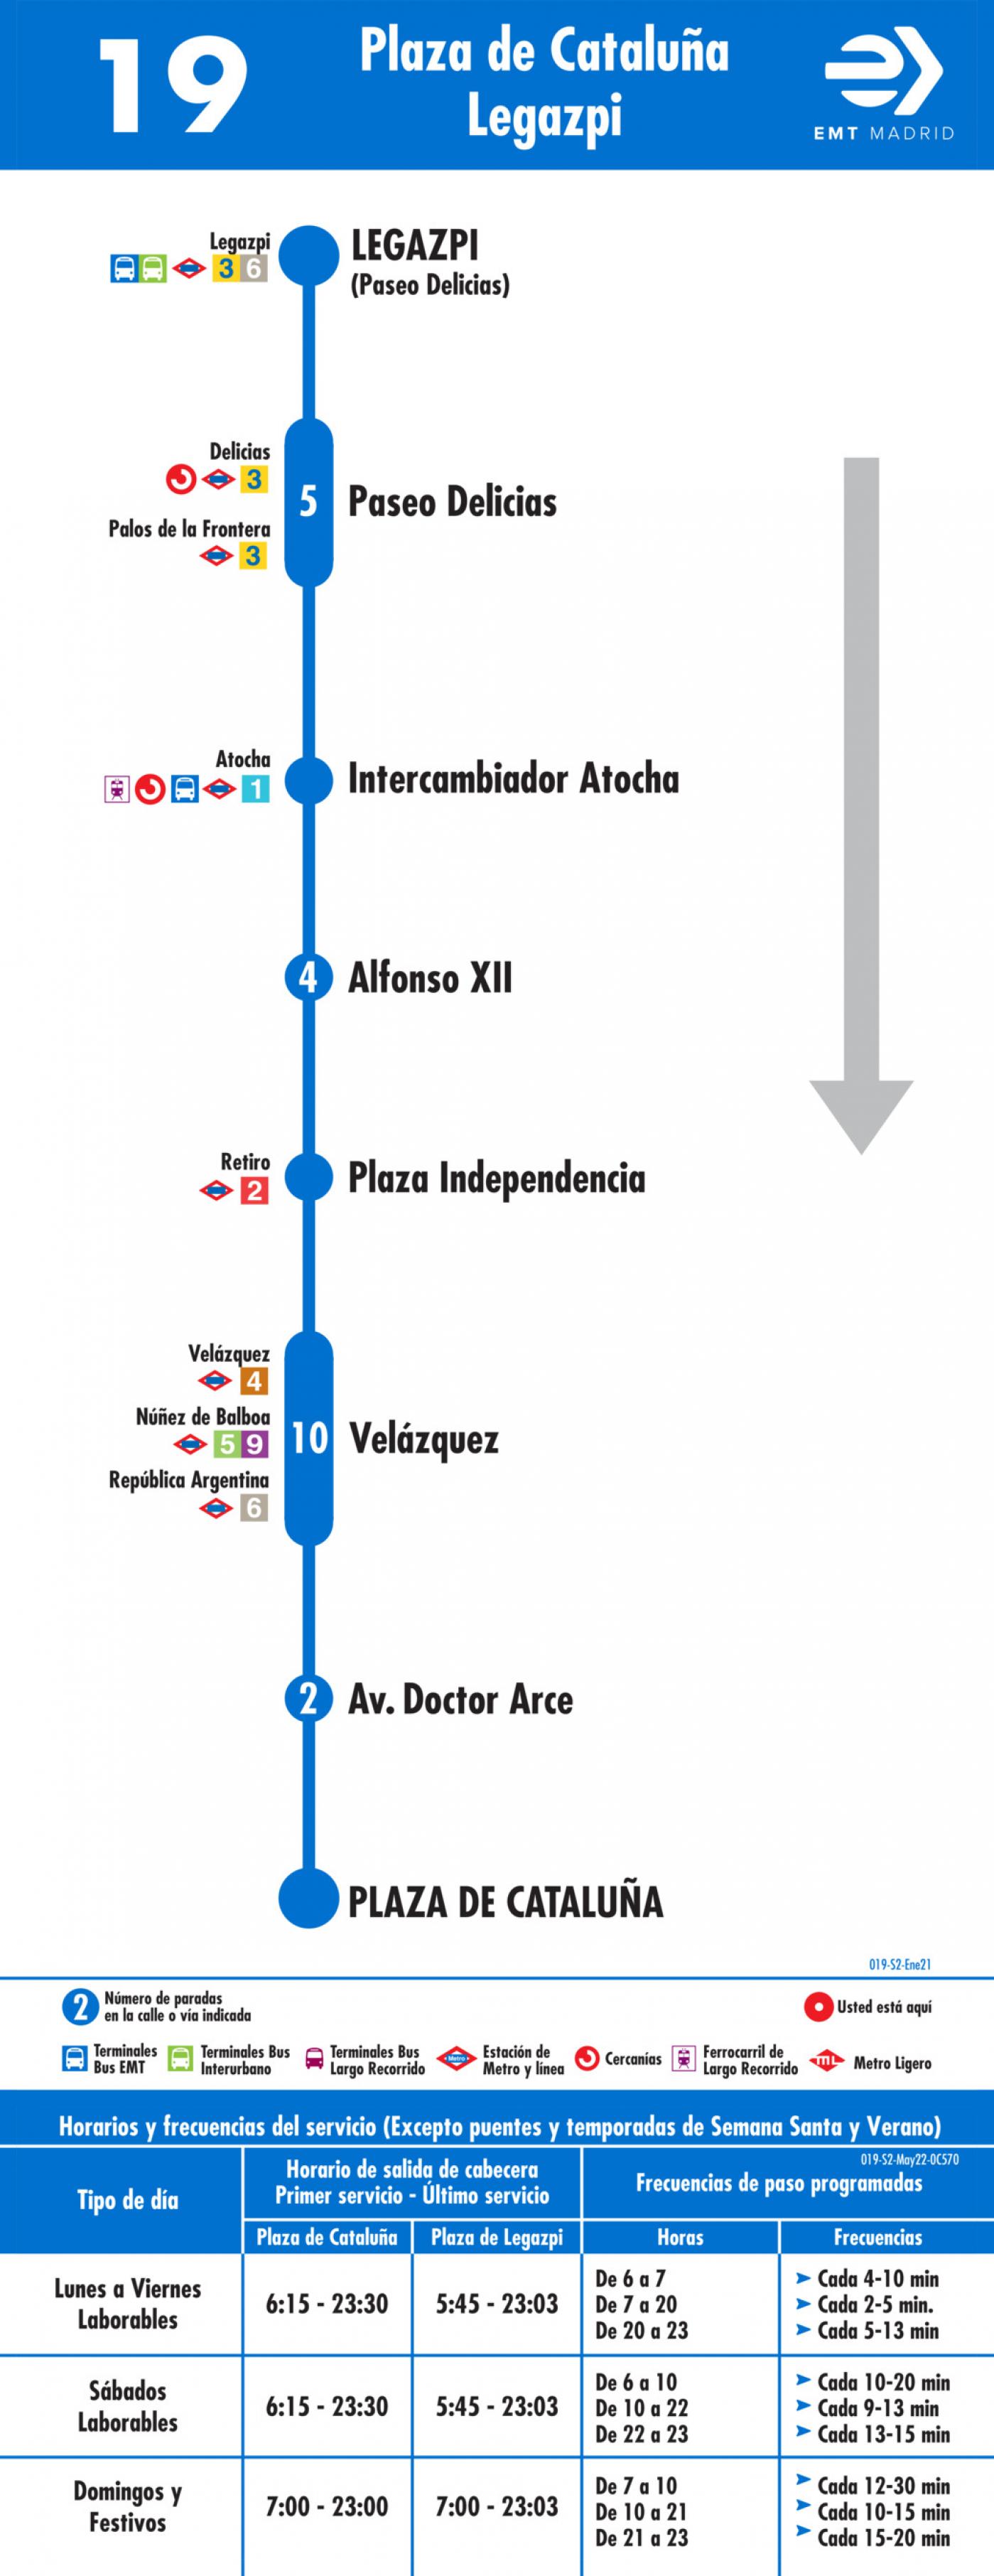 Tabla de horarios y frecuencias de paso en sentido vuelta Línea 19: Plaza de Cataluña - Plaza de Legazpi